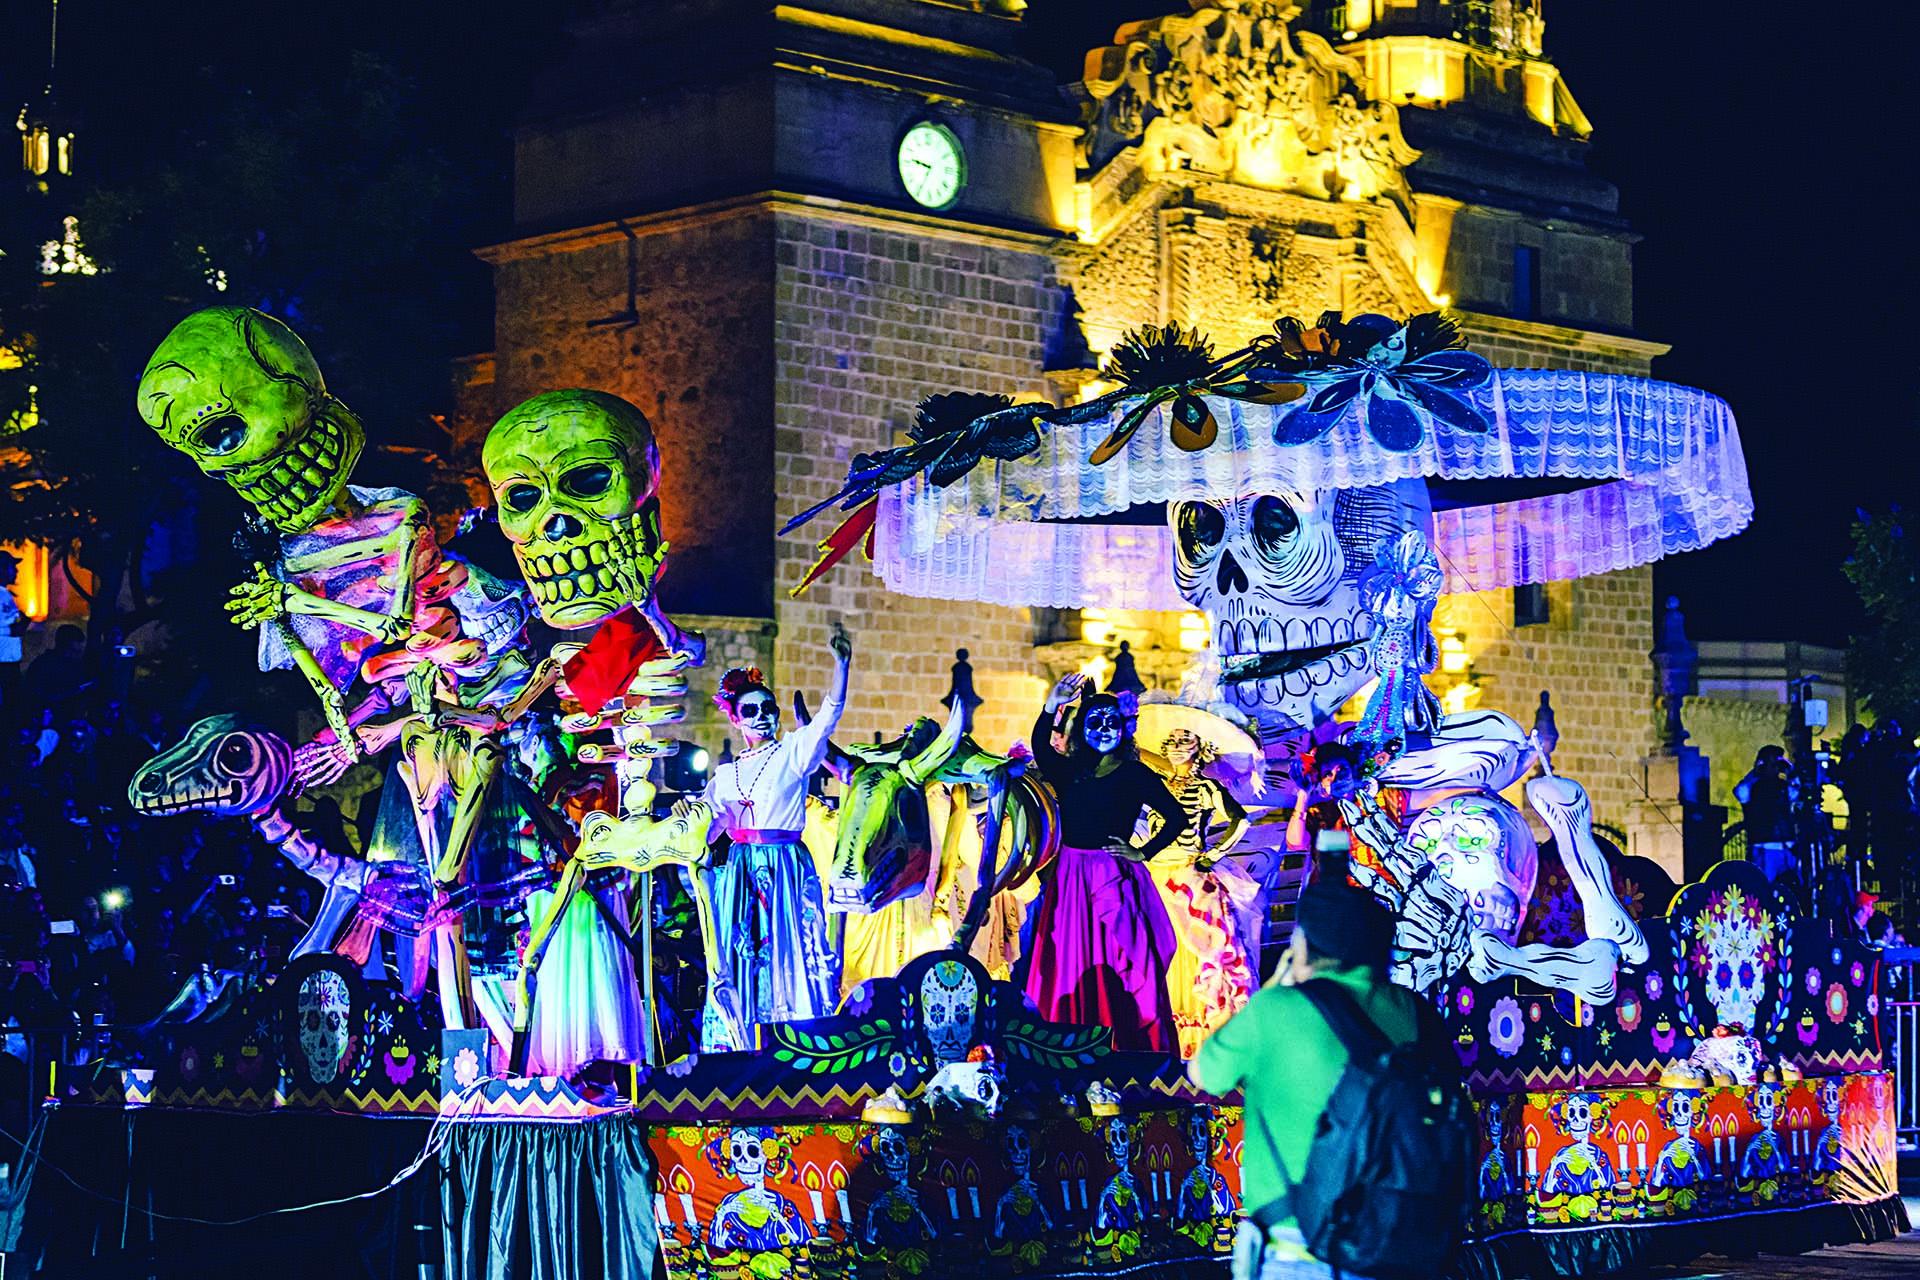 O desfile do Dia dos Mortos em Aguascalientes México